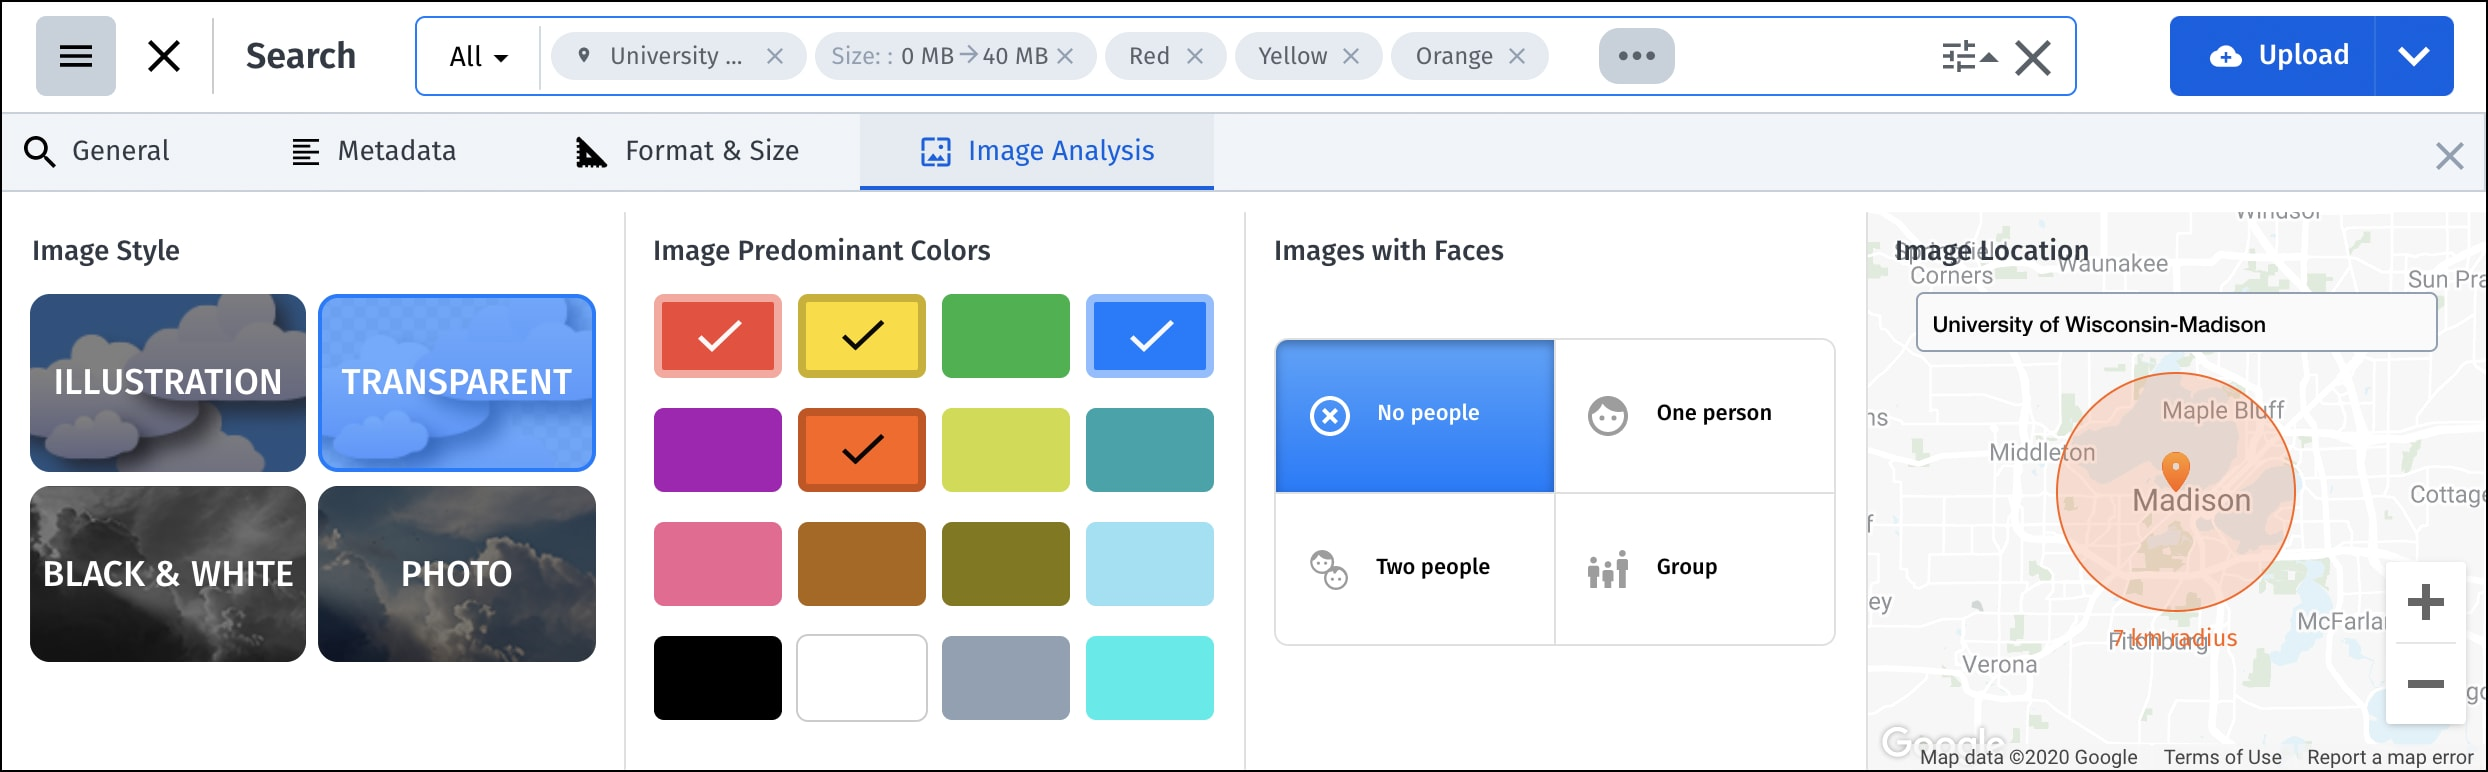 Search tab: Tags & Metadata